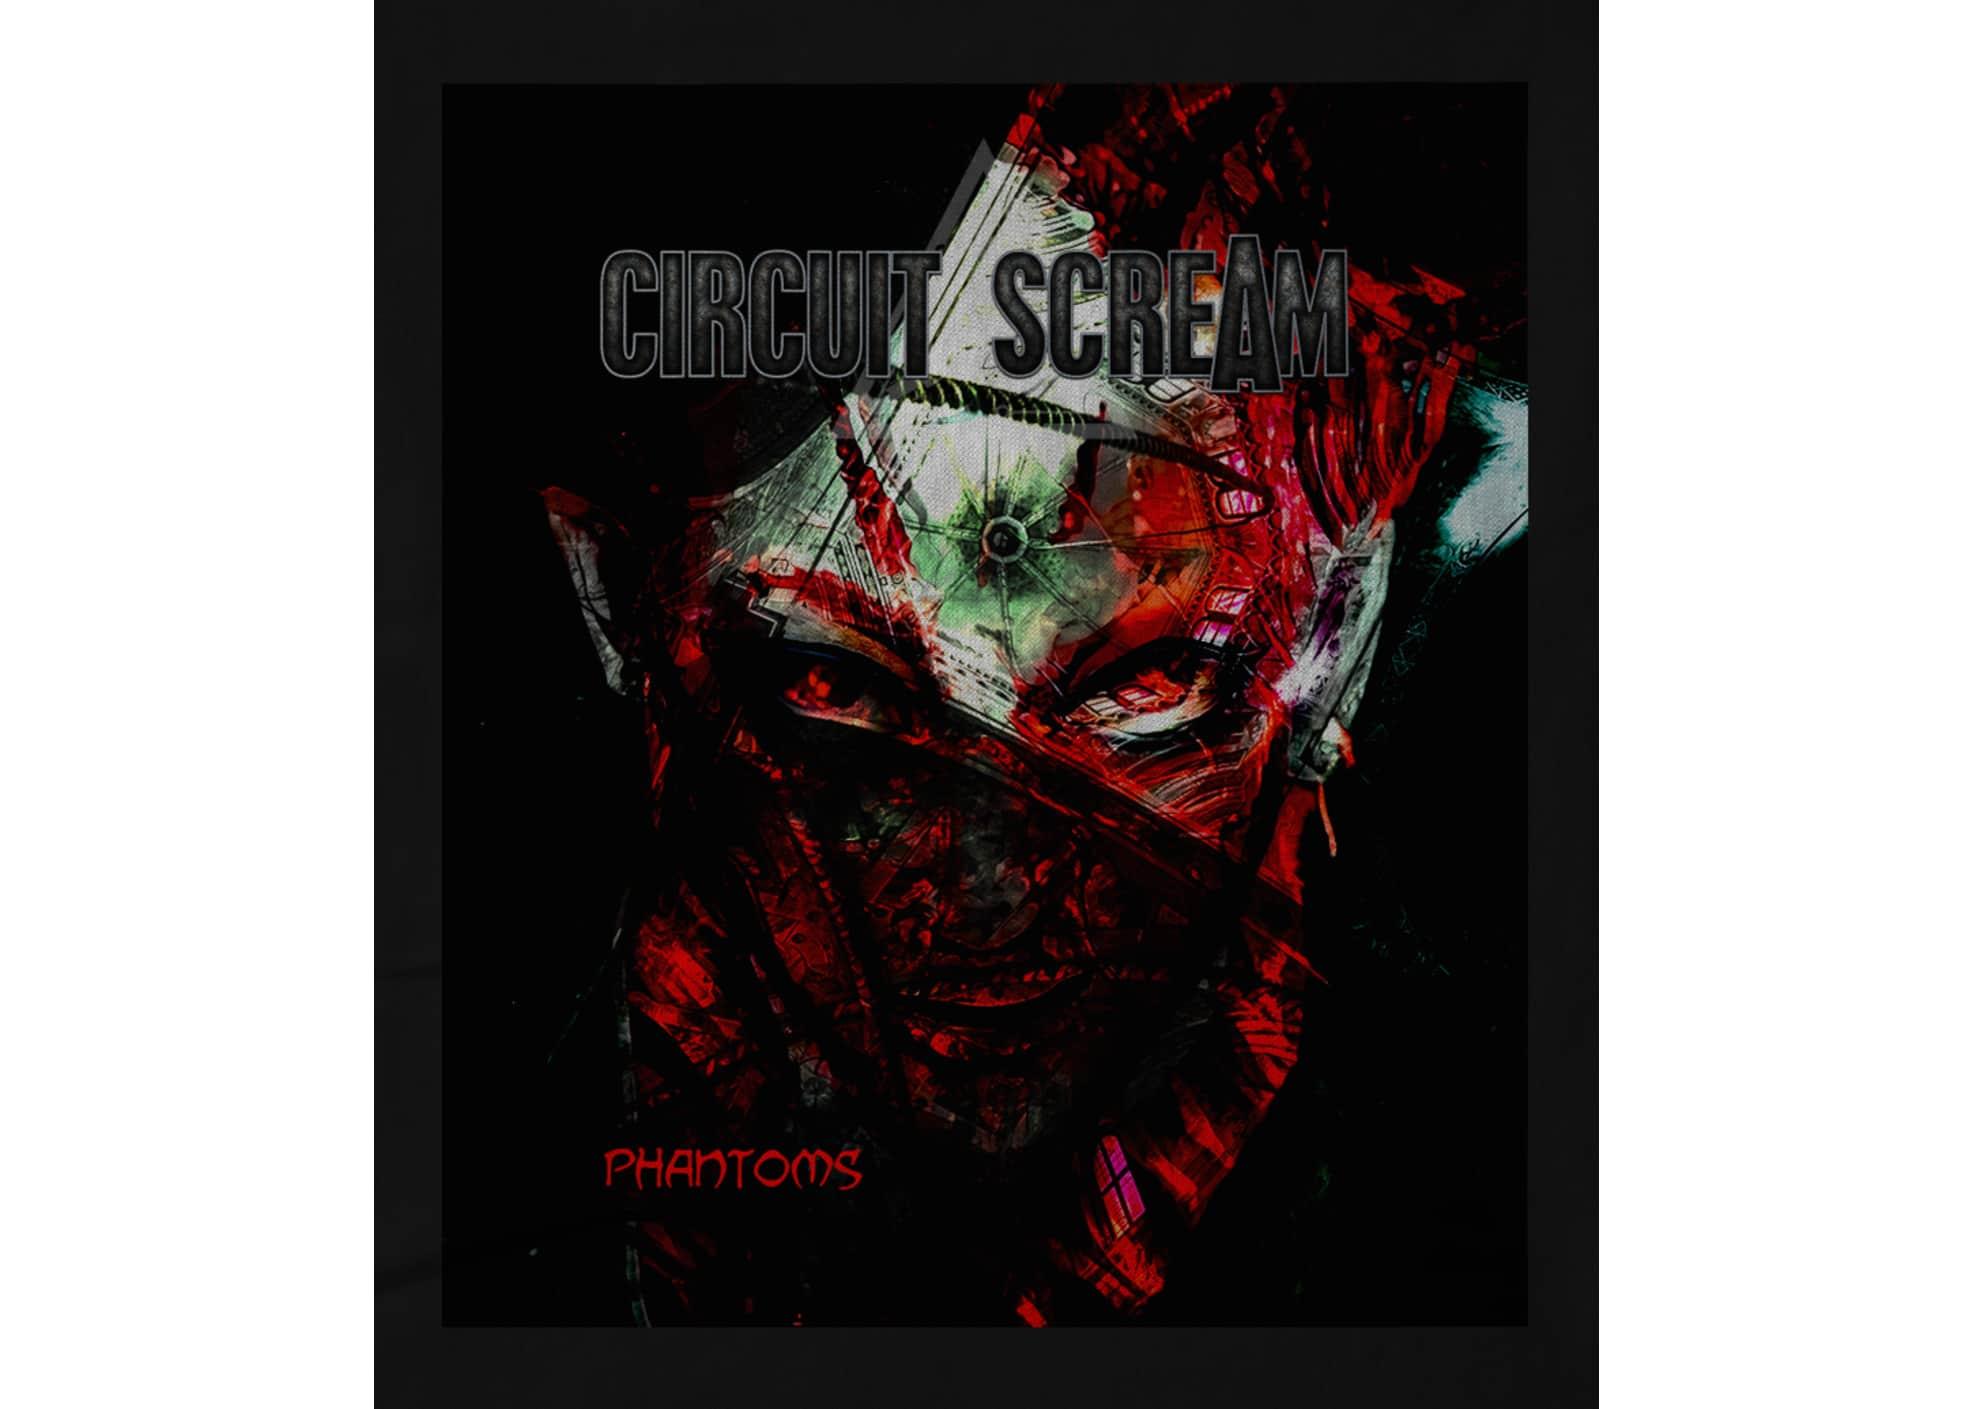 Circuit scream circuit scream  phantoms  cover art 1617323126